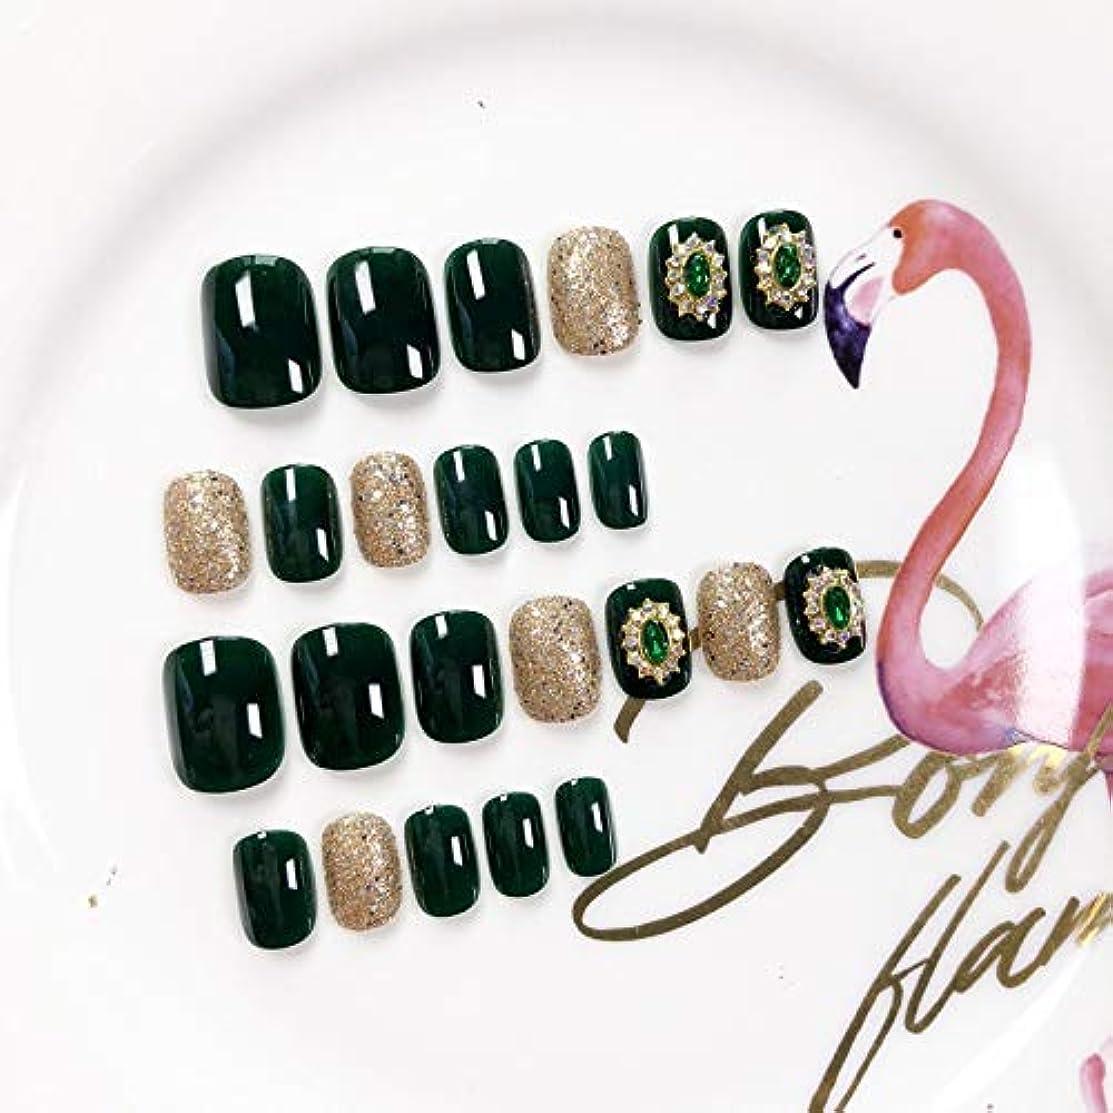 危険な機械的吸い込むXUANHU HOME 緑色の偽爪キット24ピースダークグリーンとダイヤモンド偽爪、接着剤付きフルカバーミディアムレングス